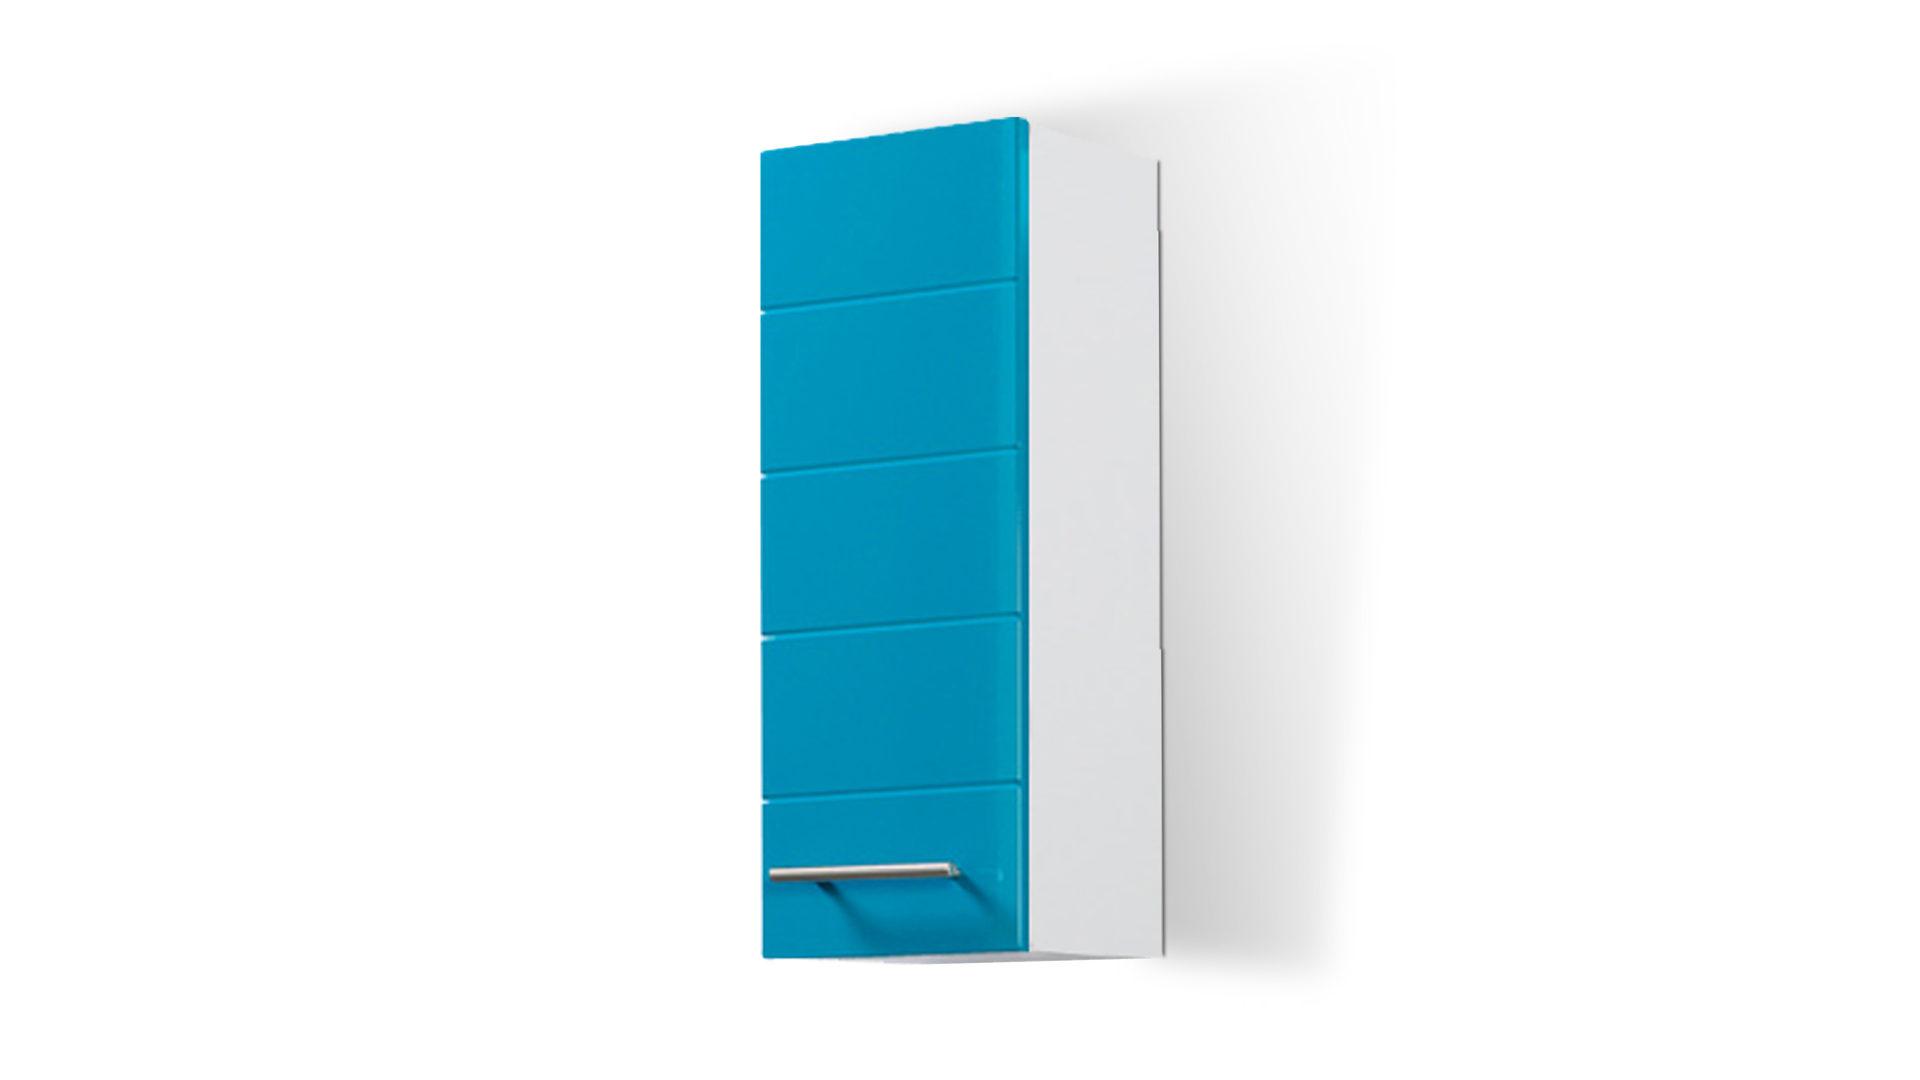 Bad-Hängeschrank Rimini auch für kleine Badezimmer, türkise Hochglanz- &  weiße Melaminoberflächen – Breite ca. 25 cm